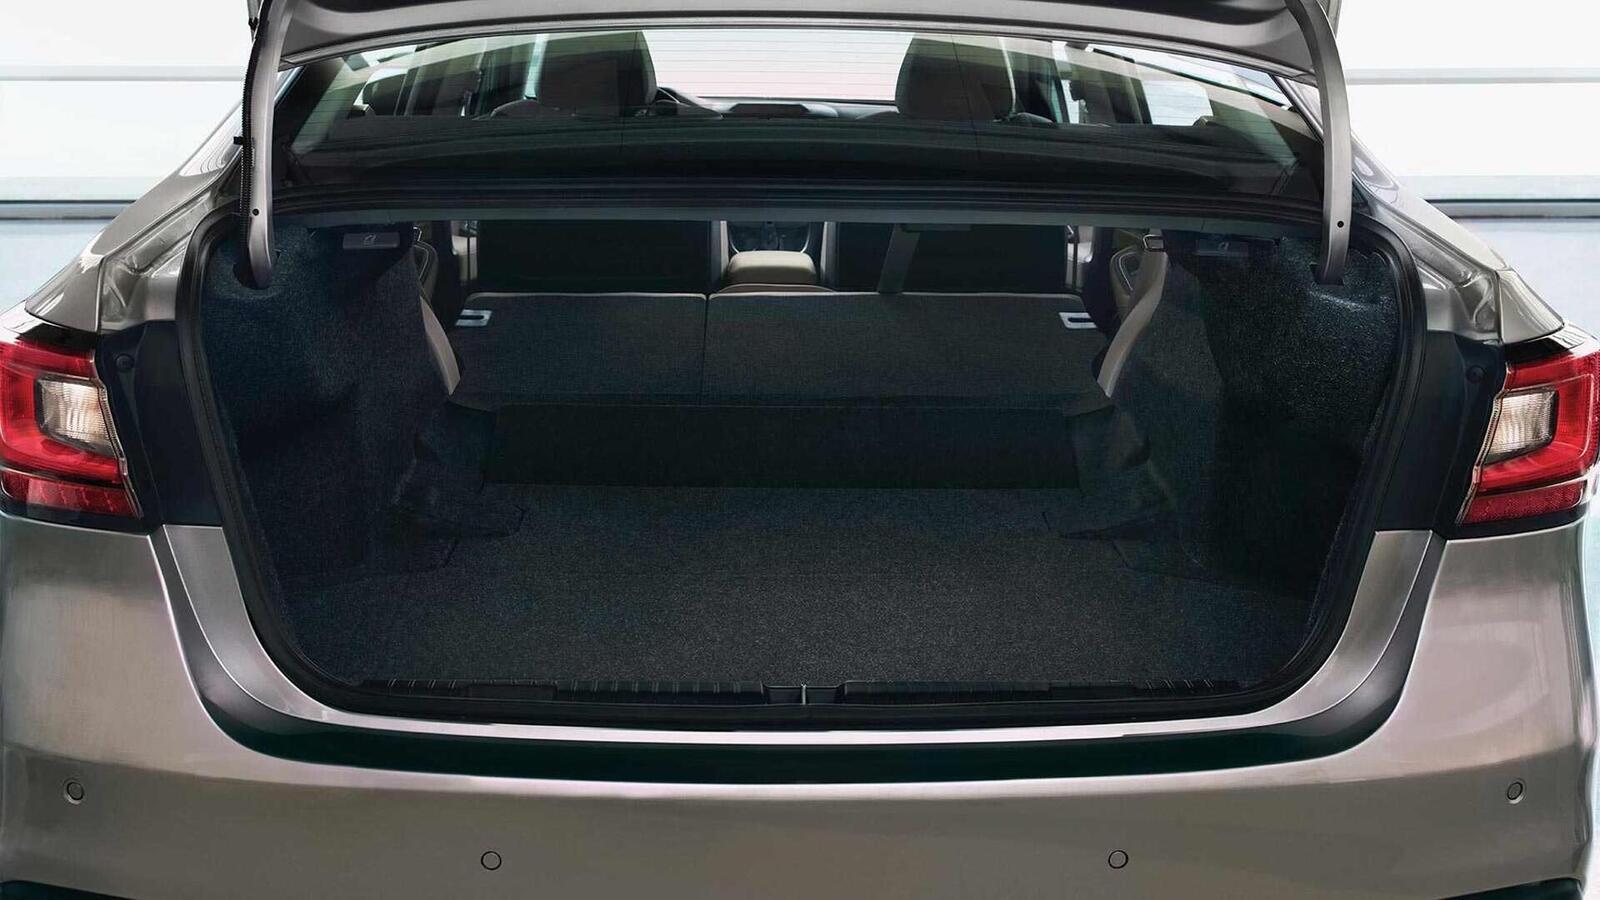 Subaru Legacy thế hệ mới ra mắt; đổi mới thiết kế; có thêm động cơ 2.5L tăng áp - Hình 16